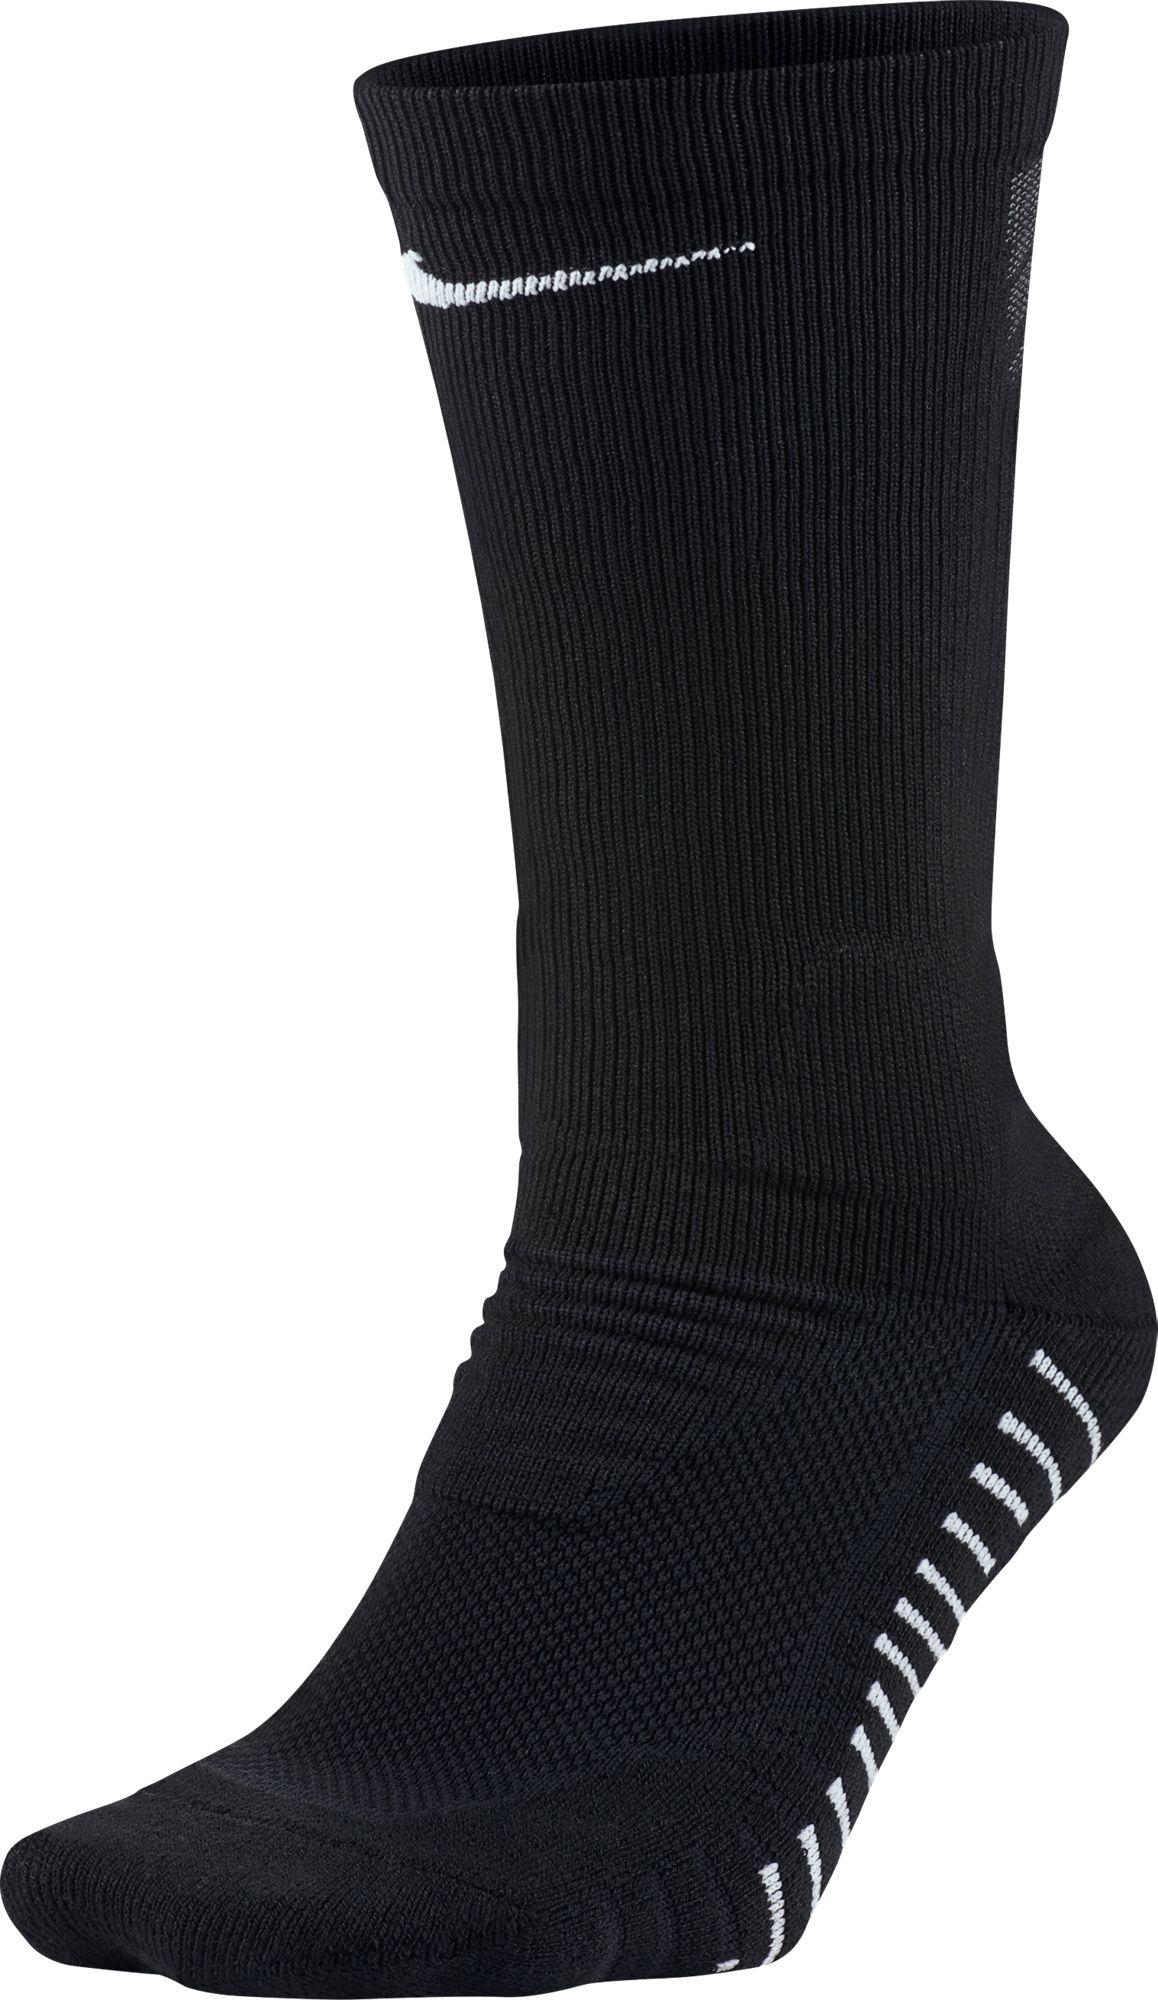 Nike Calcetines De Los Hombres Xl Blanco Hollywood 4vulX3